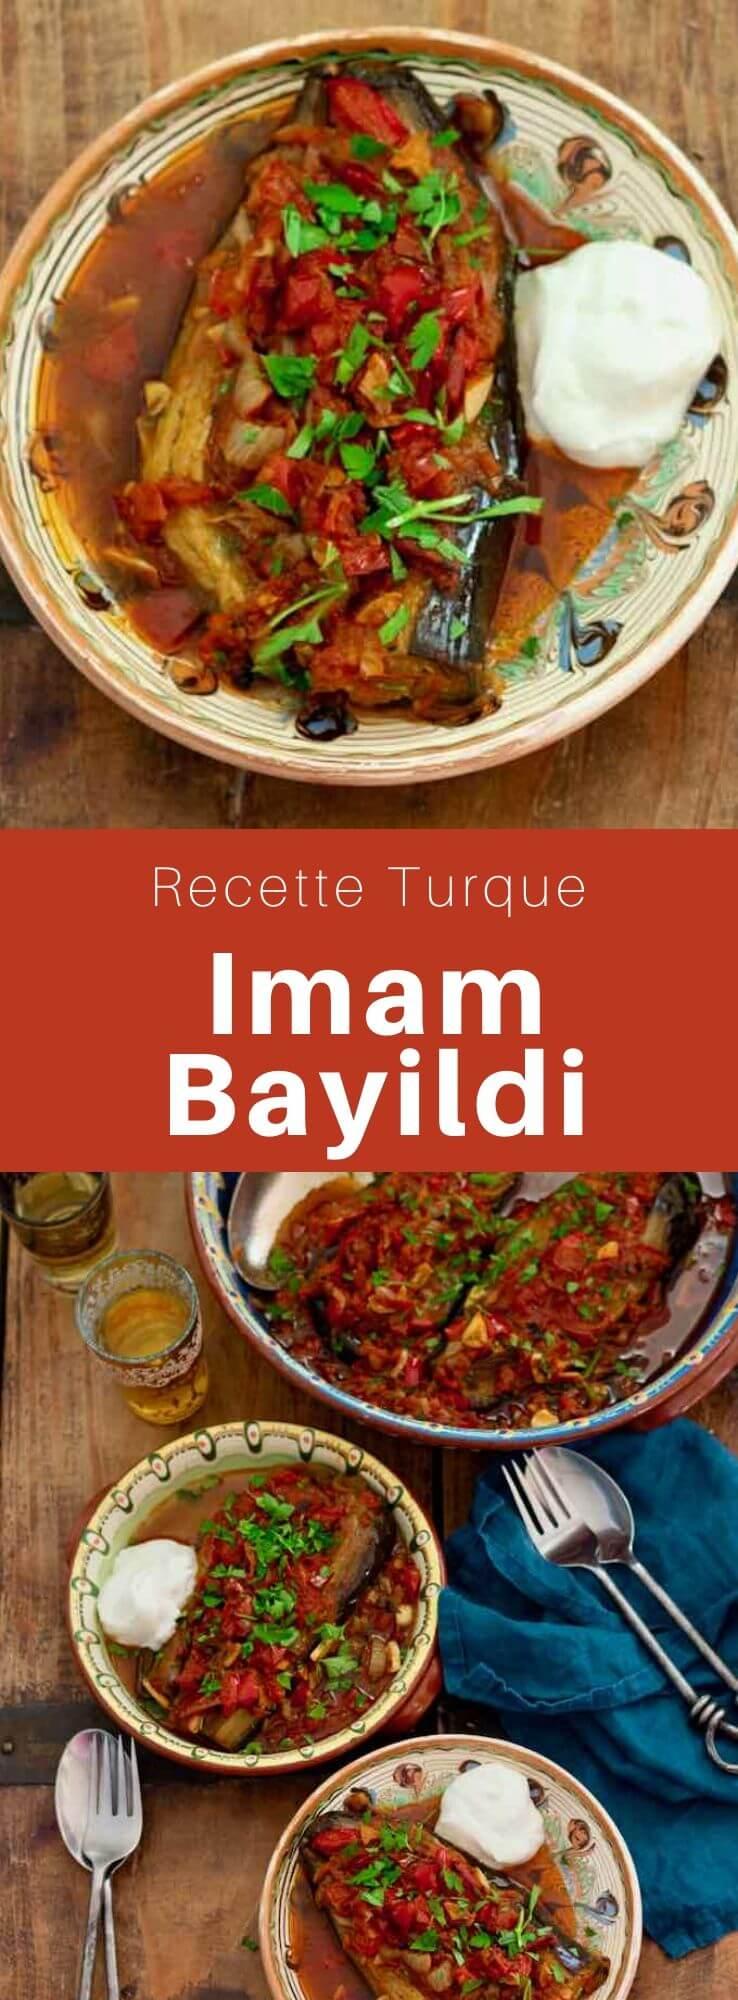 L'imam bayıldı est un mets composé d'aubergines farcies d'origine turque et populaire également dans les pays voisins ainsi que dans le monde arabe. #Turquie #RecetteTurque #CuisineTurque #CuisineDuMonde #196flavors